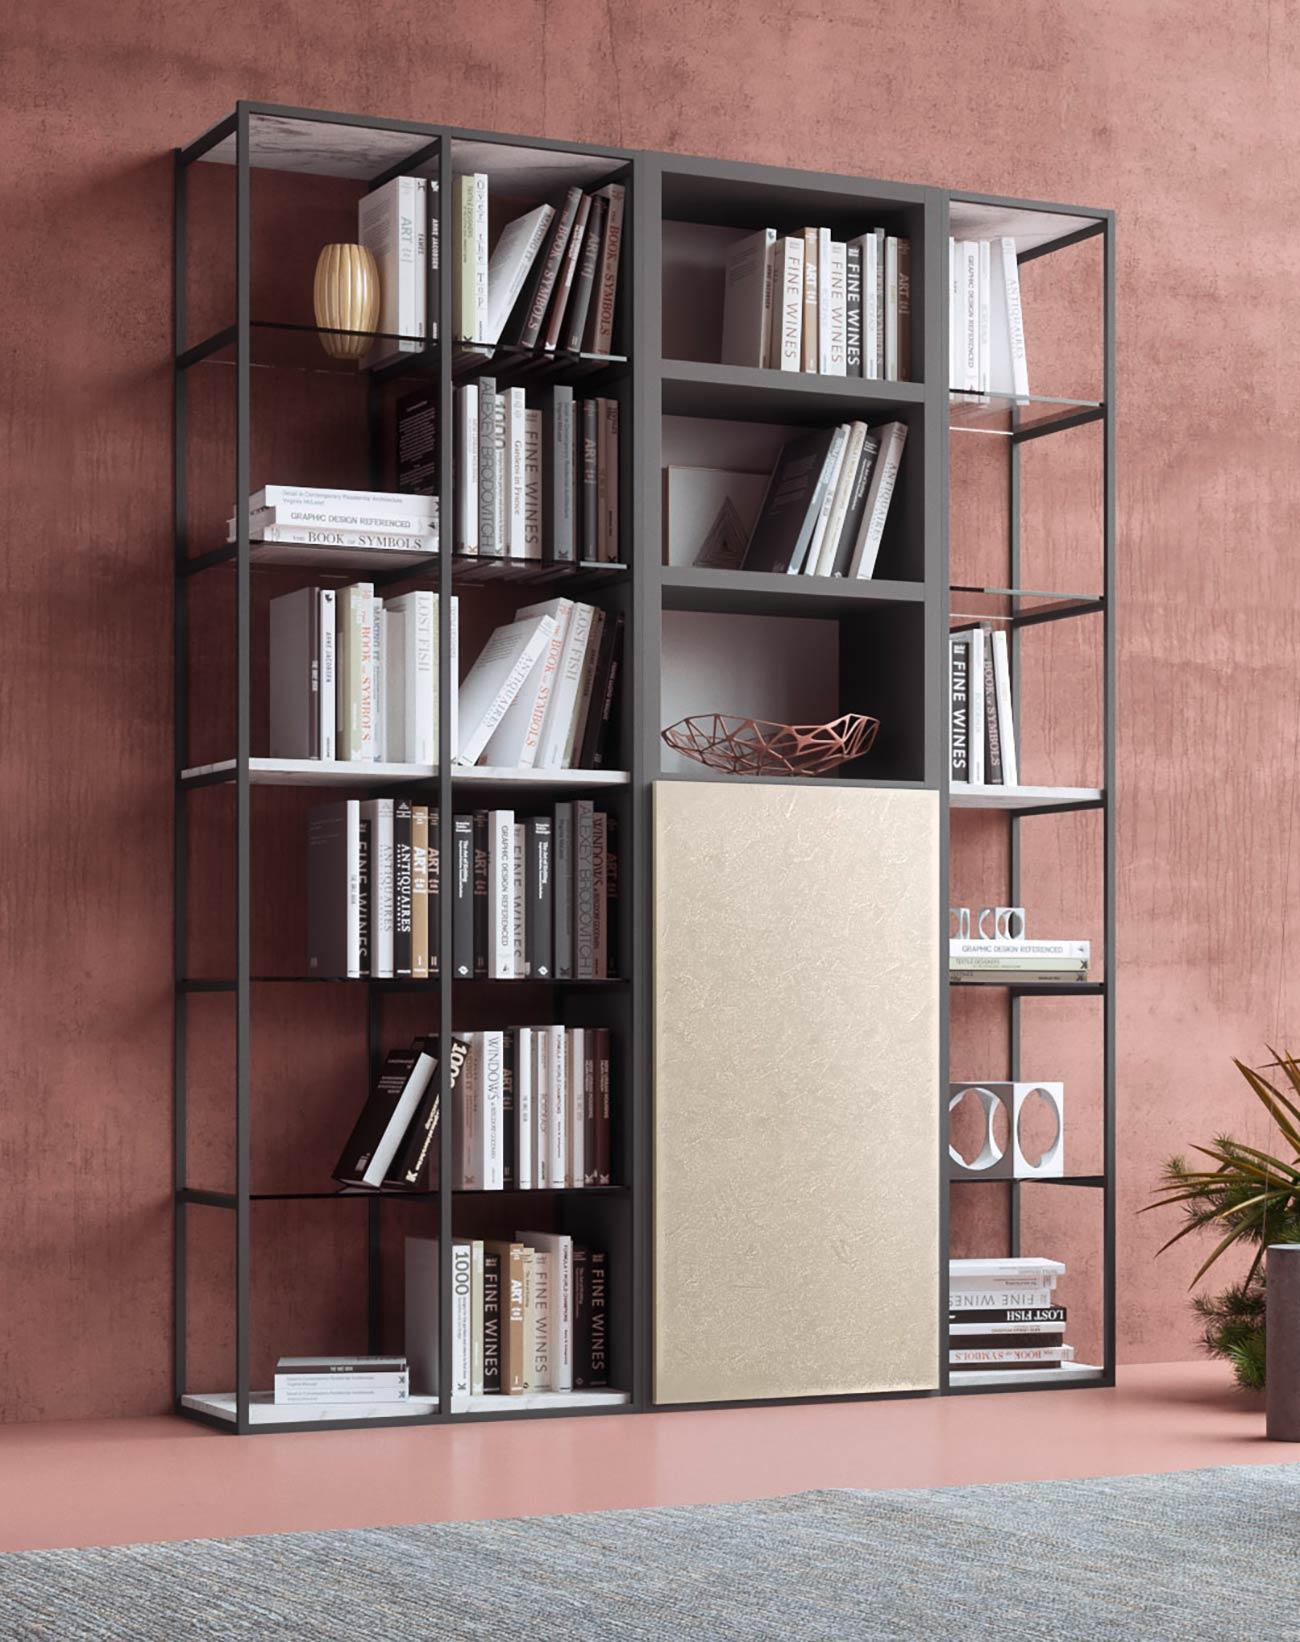 Libreria A Parete Prezzi.Babel Libreria Componibile A Parete Dal Design Moderno Mab